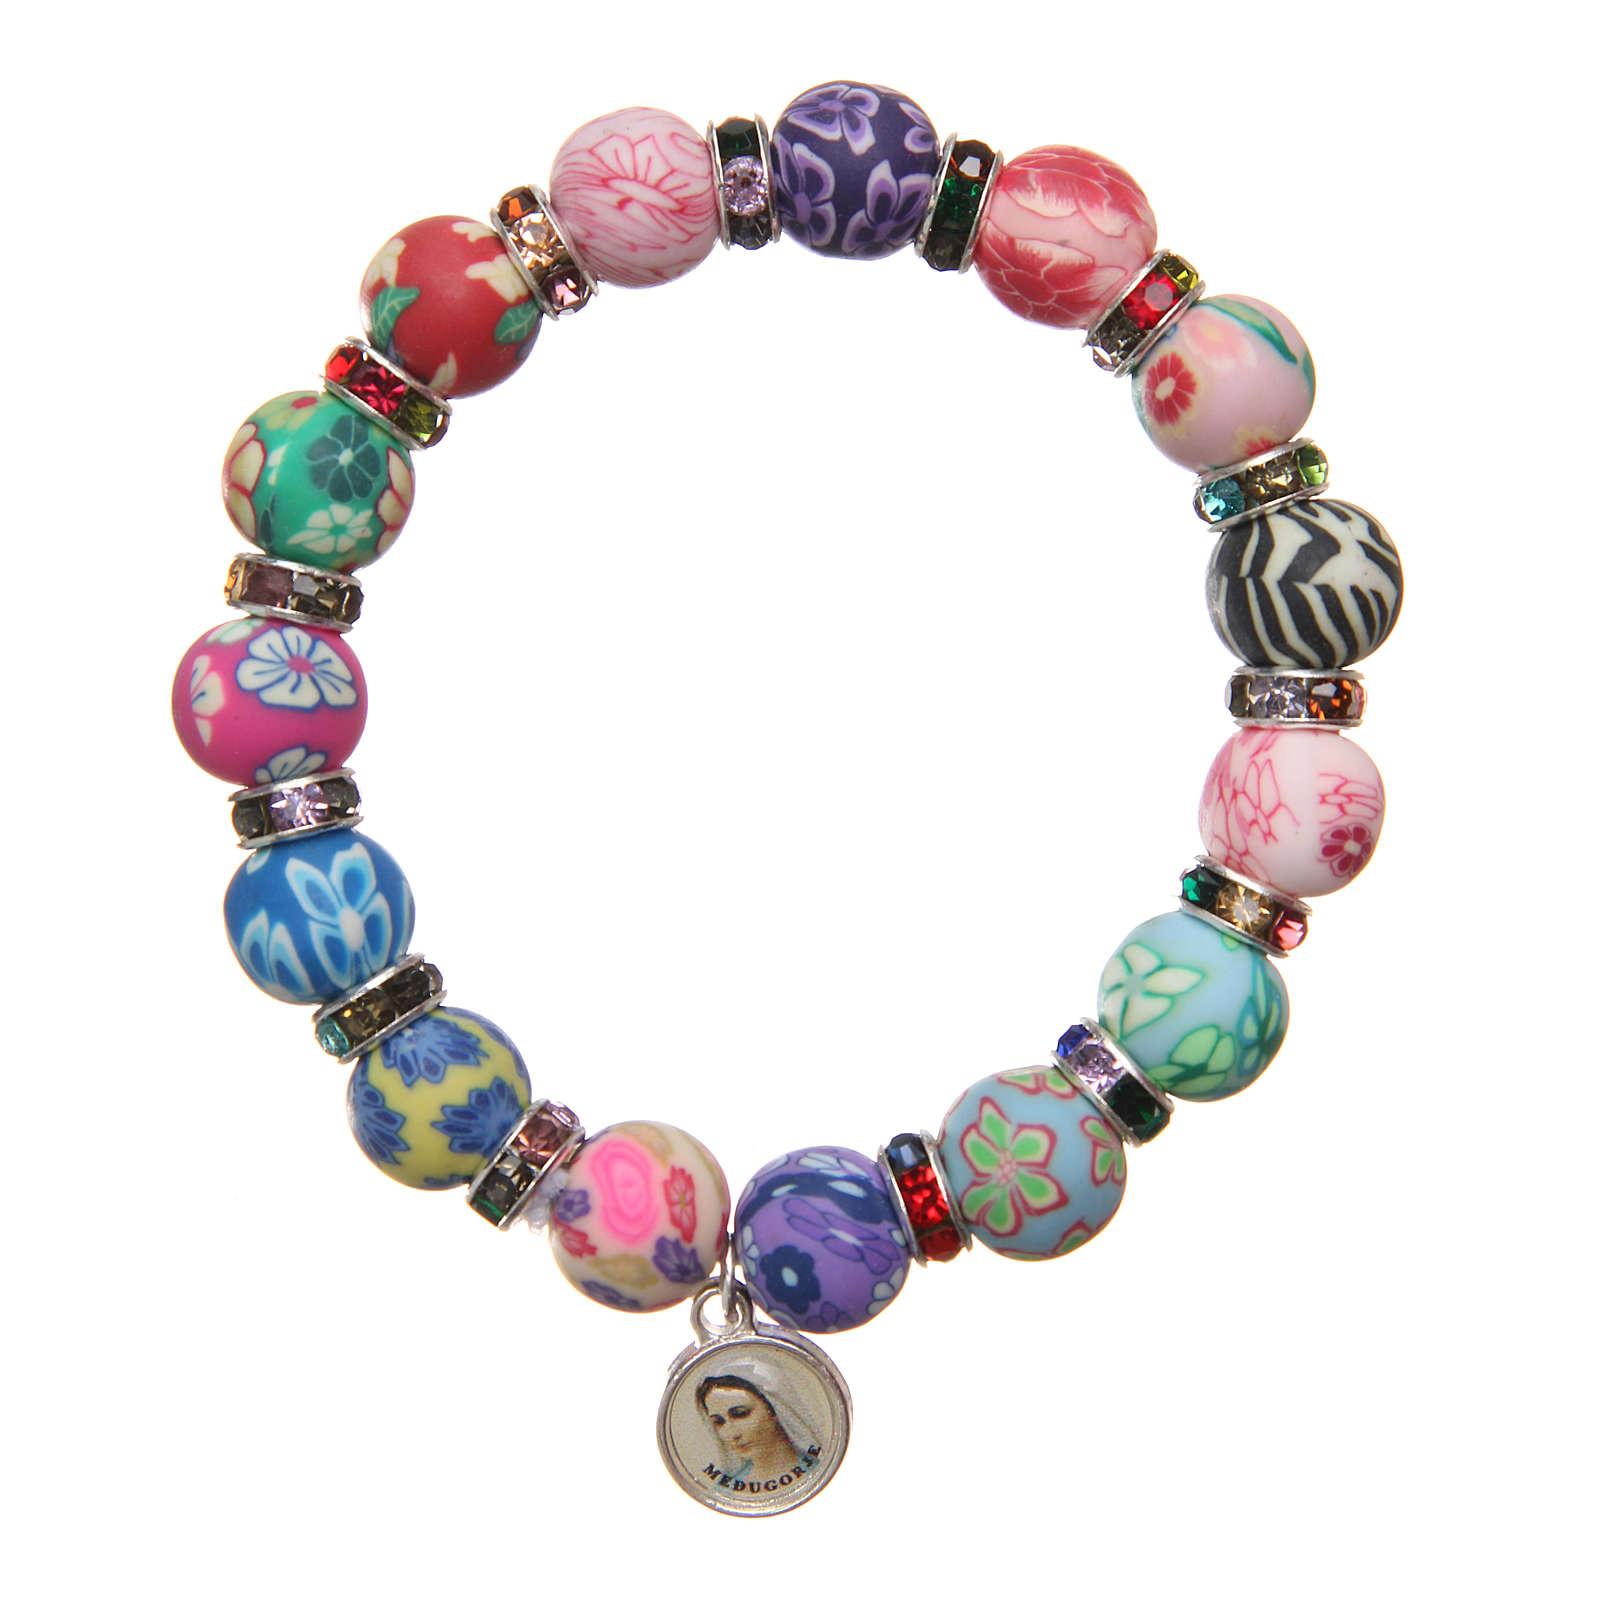 Braccialetto Medjugorje perline 11 mm decori multicolor 4